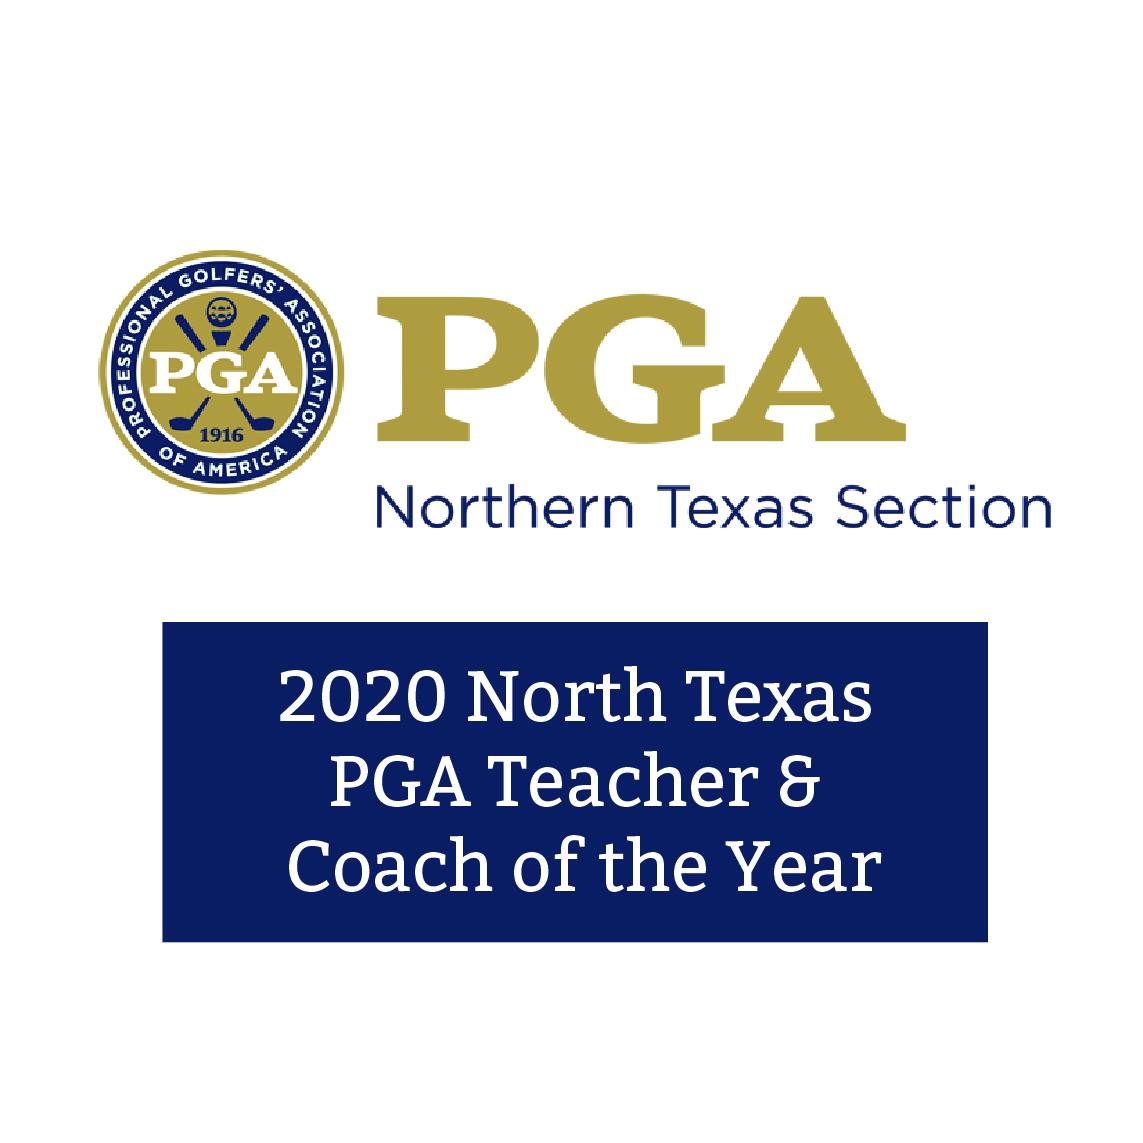 2020 North Texas PGA Teacher/Coach of the Year